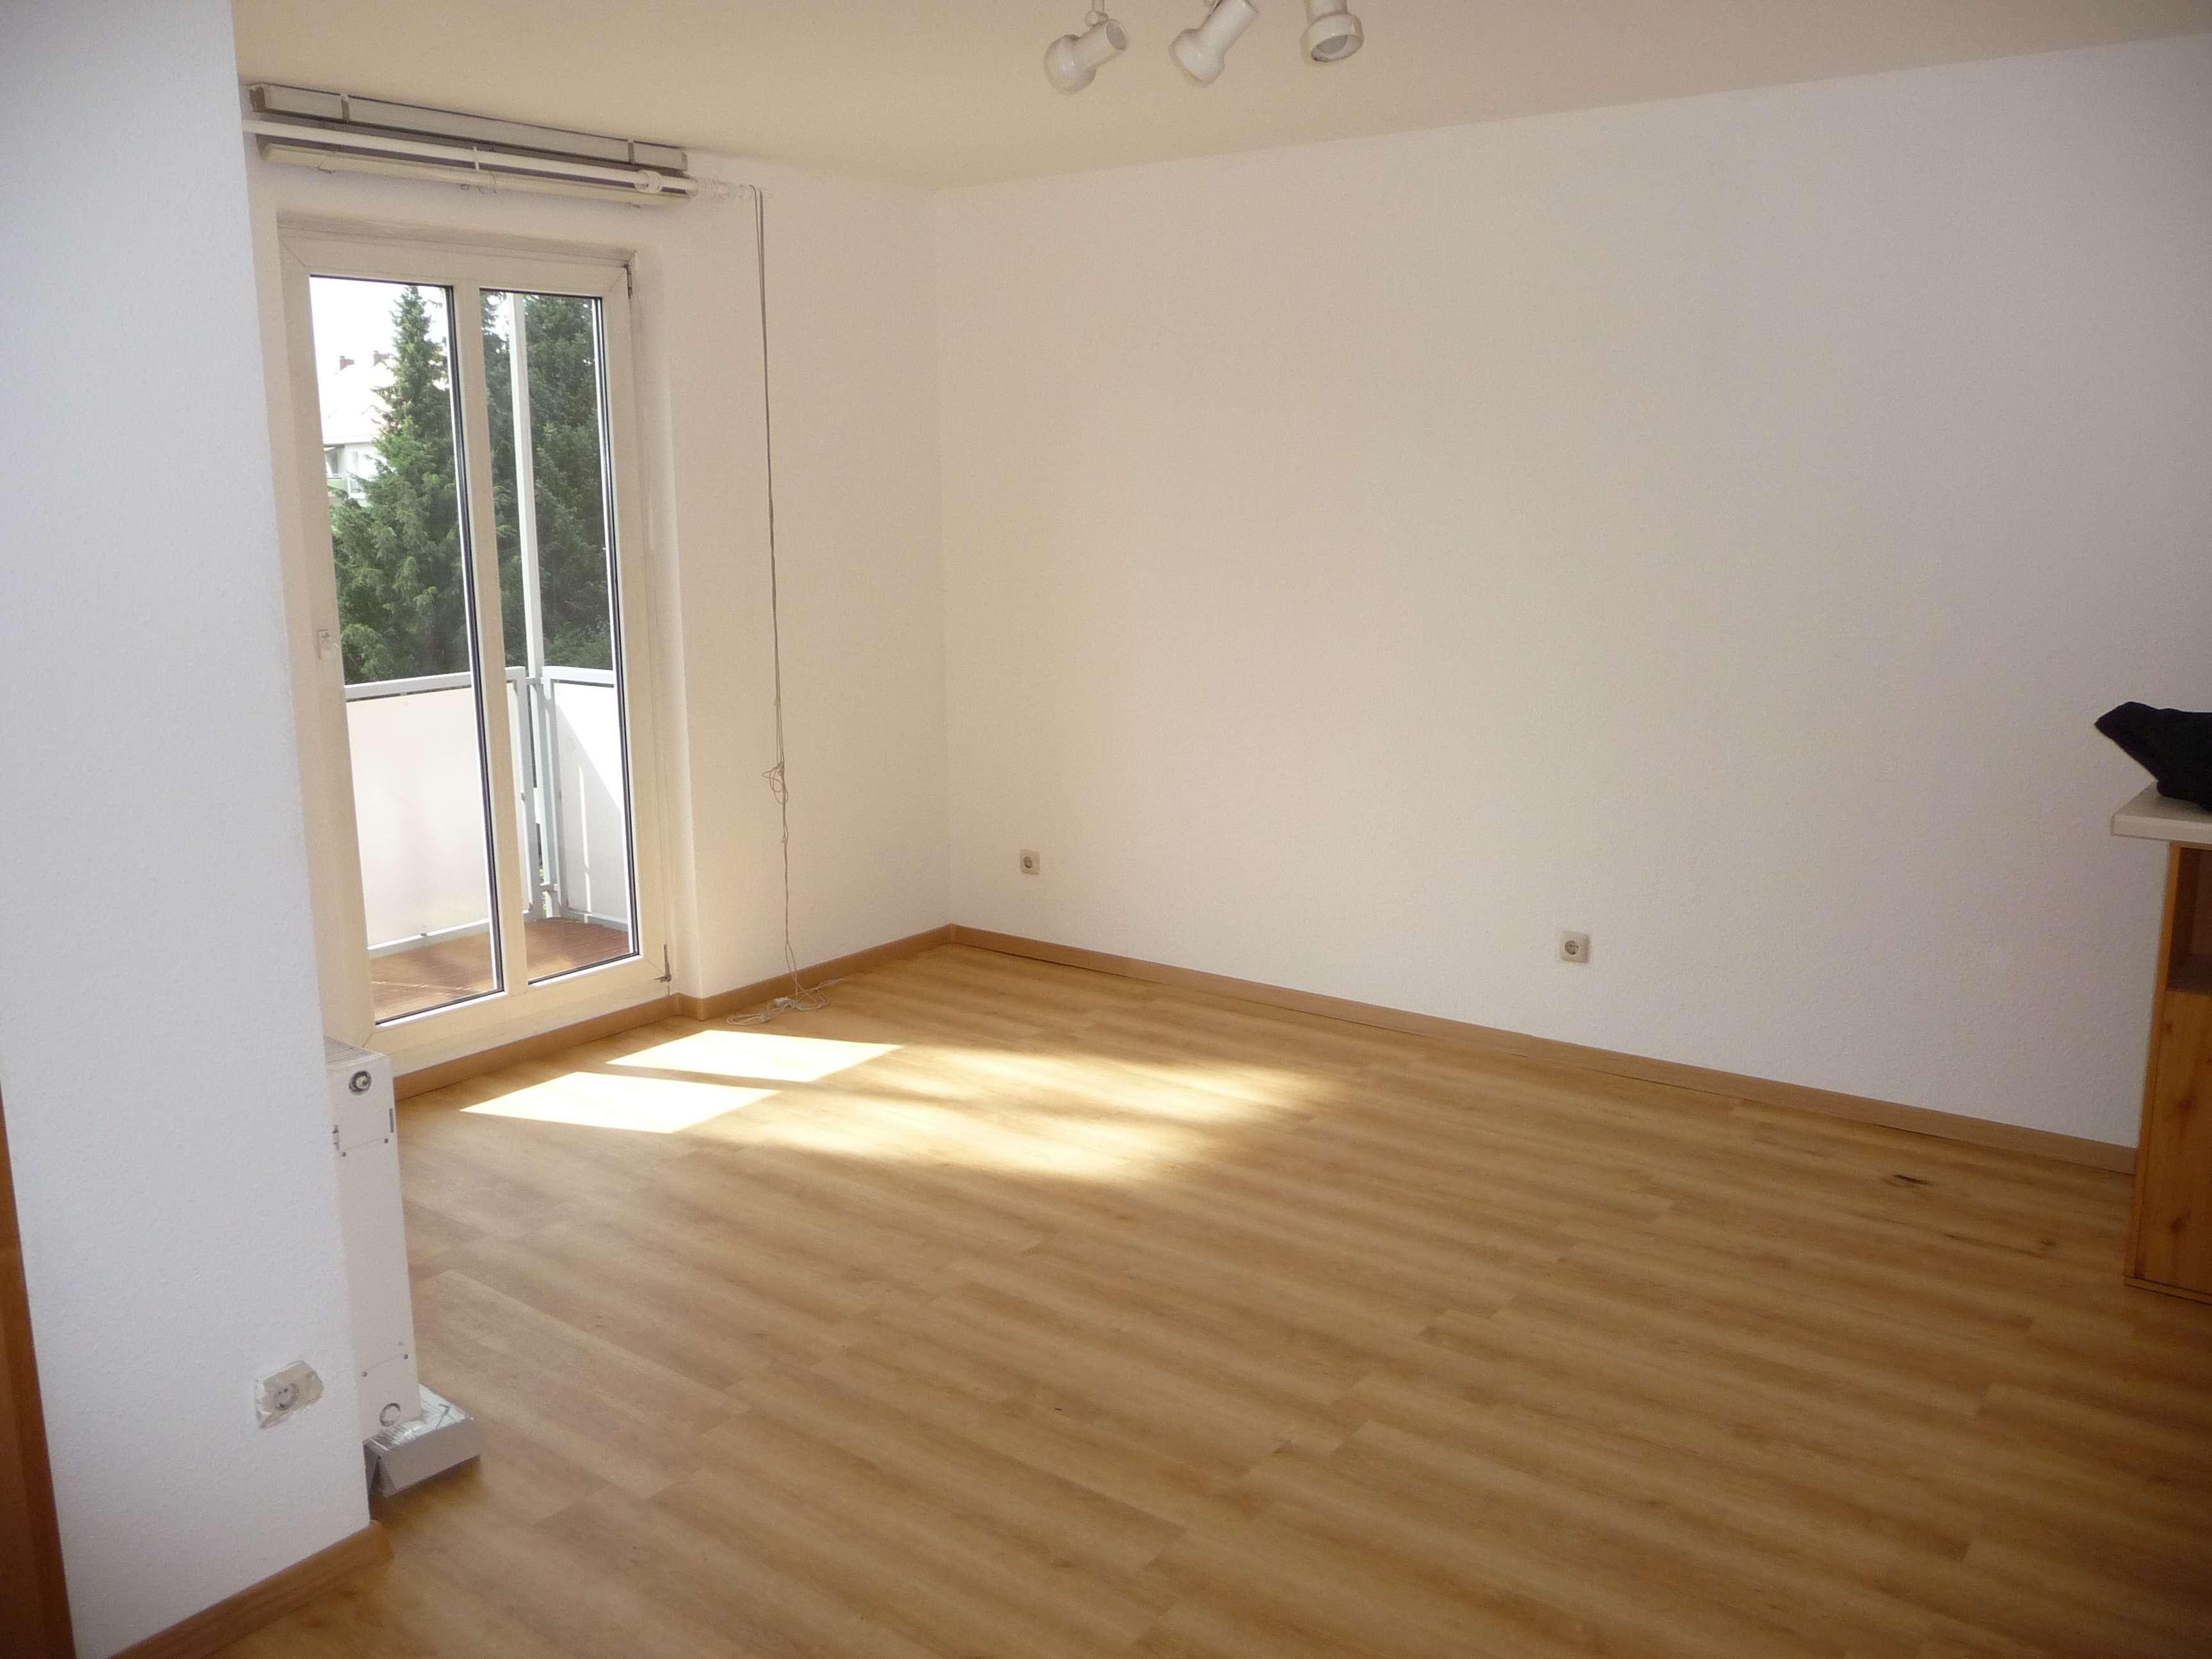 1 Zimmer Appartment mit Balkon in Erlangen Süd (Erlangen)